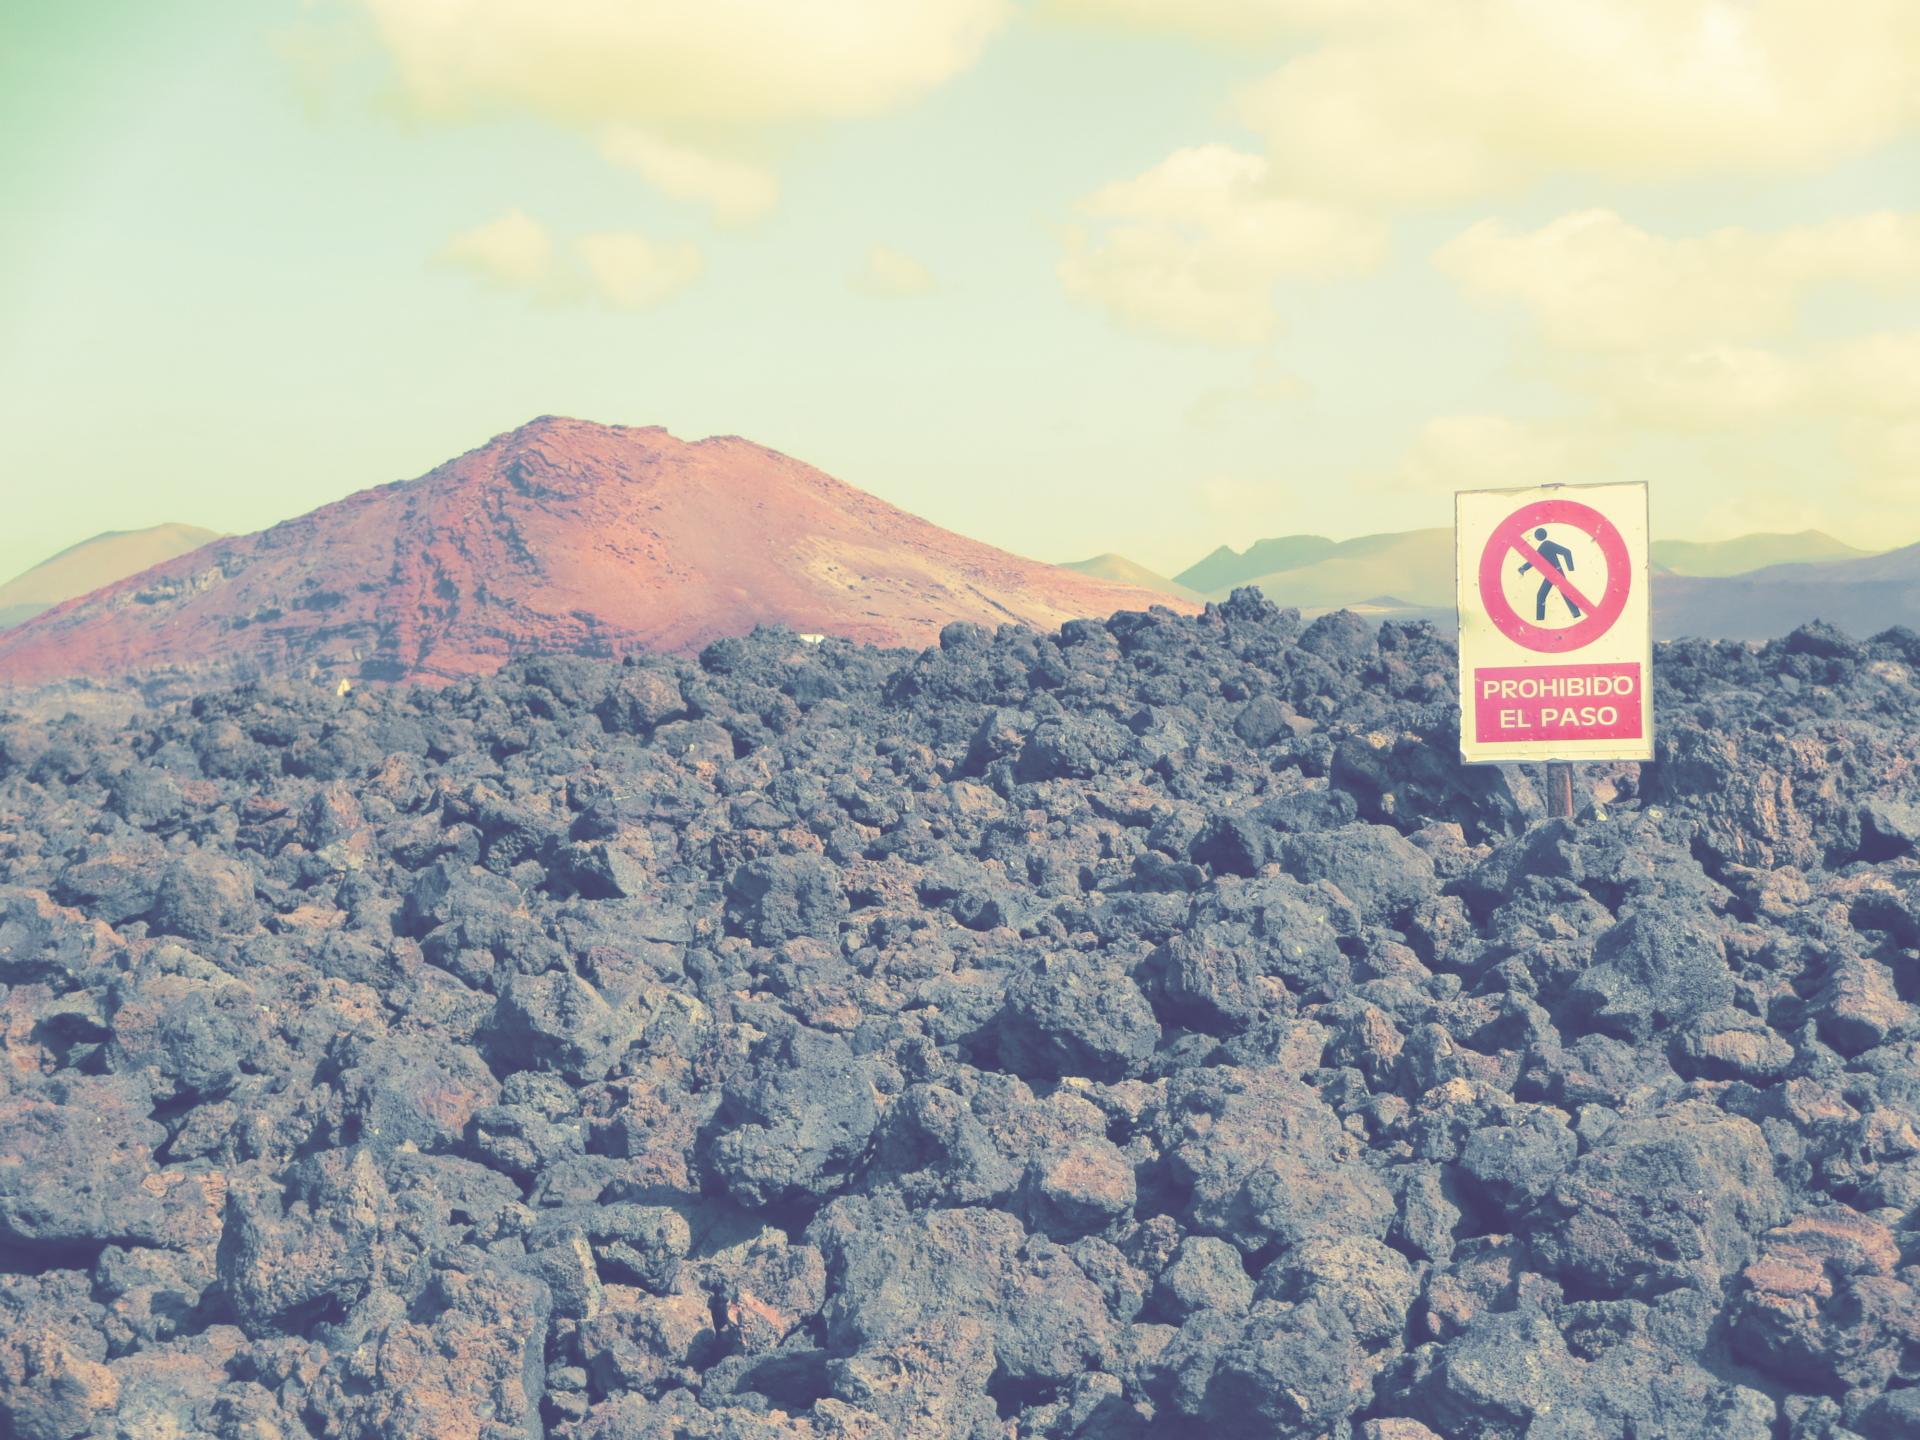 vulkan betreten verboten lanzarote kratertour